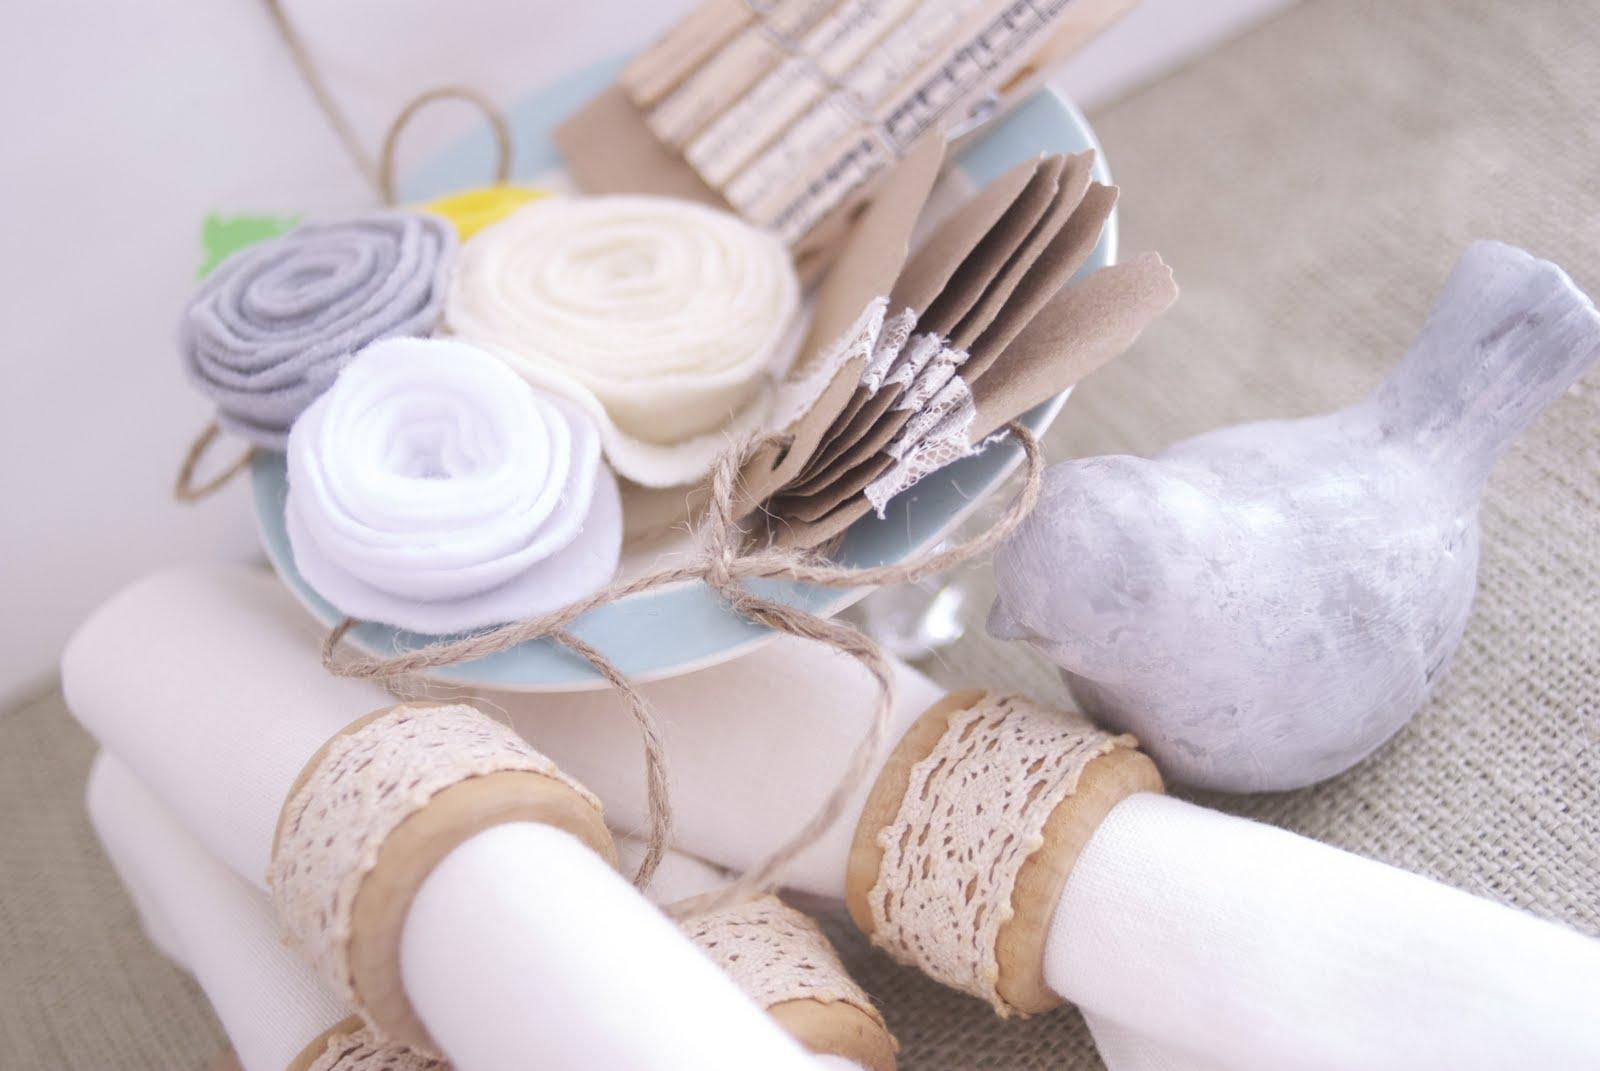 DIY : la dentelle nous inspire pour customiser nos ronds de serviette